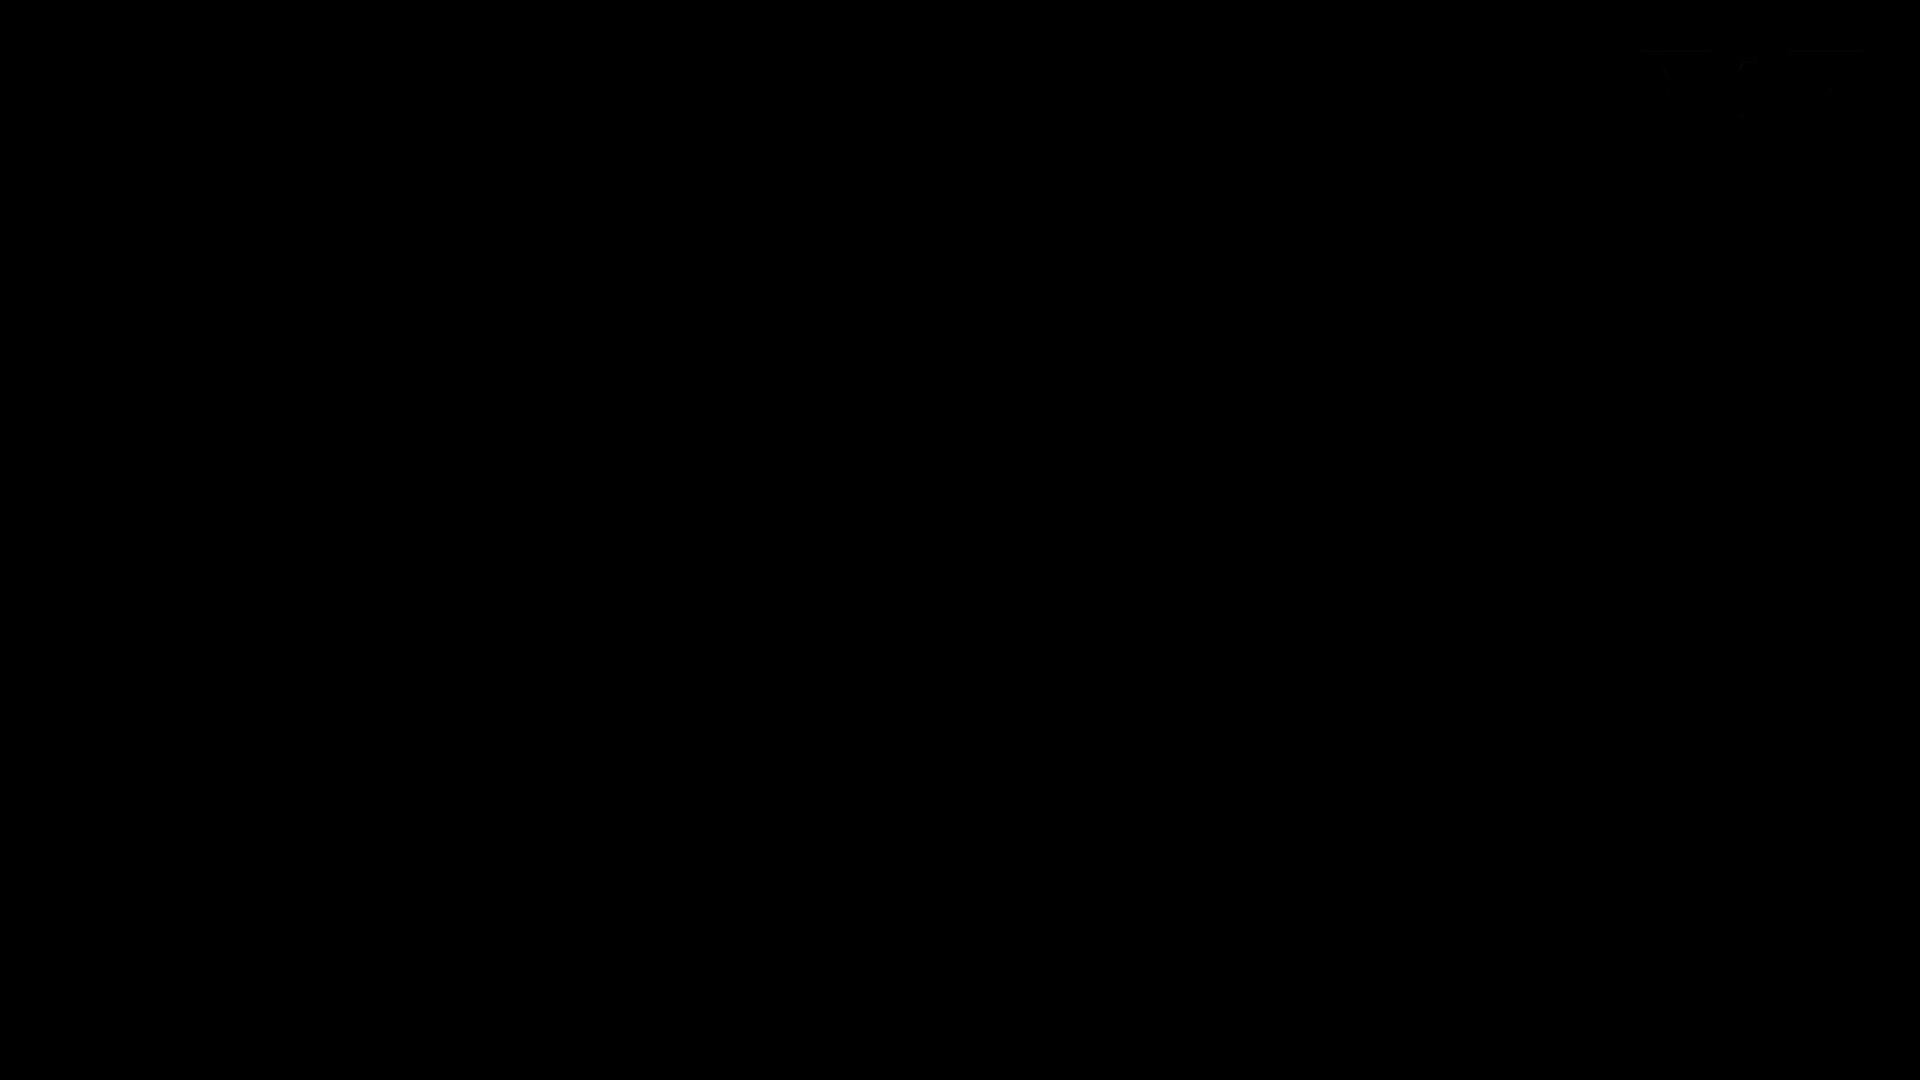 無修正エロ動画|芸術大学ガチ潜入盗撮 JD盗撮 美女の洗面所の秘密 Vol.113|怪盗ジョーカー